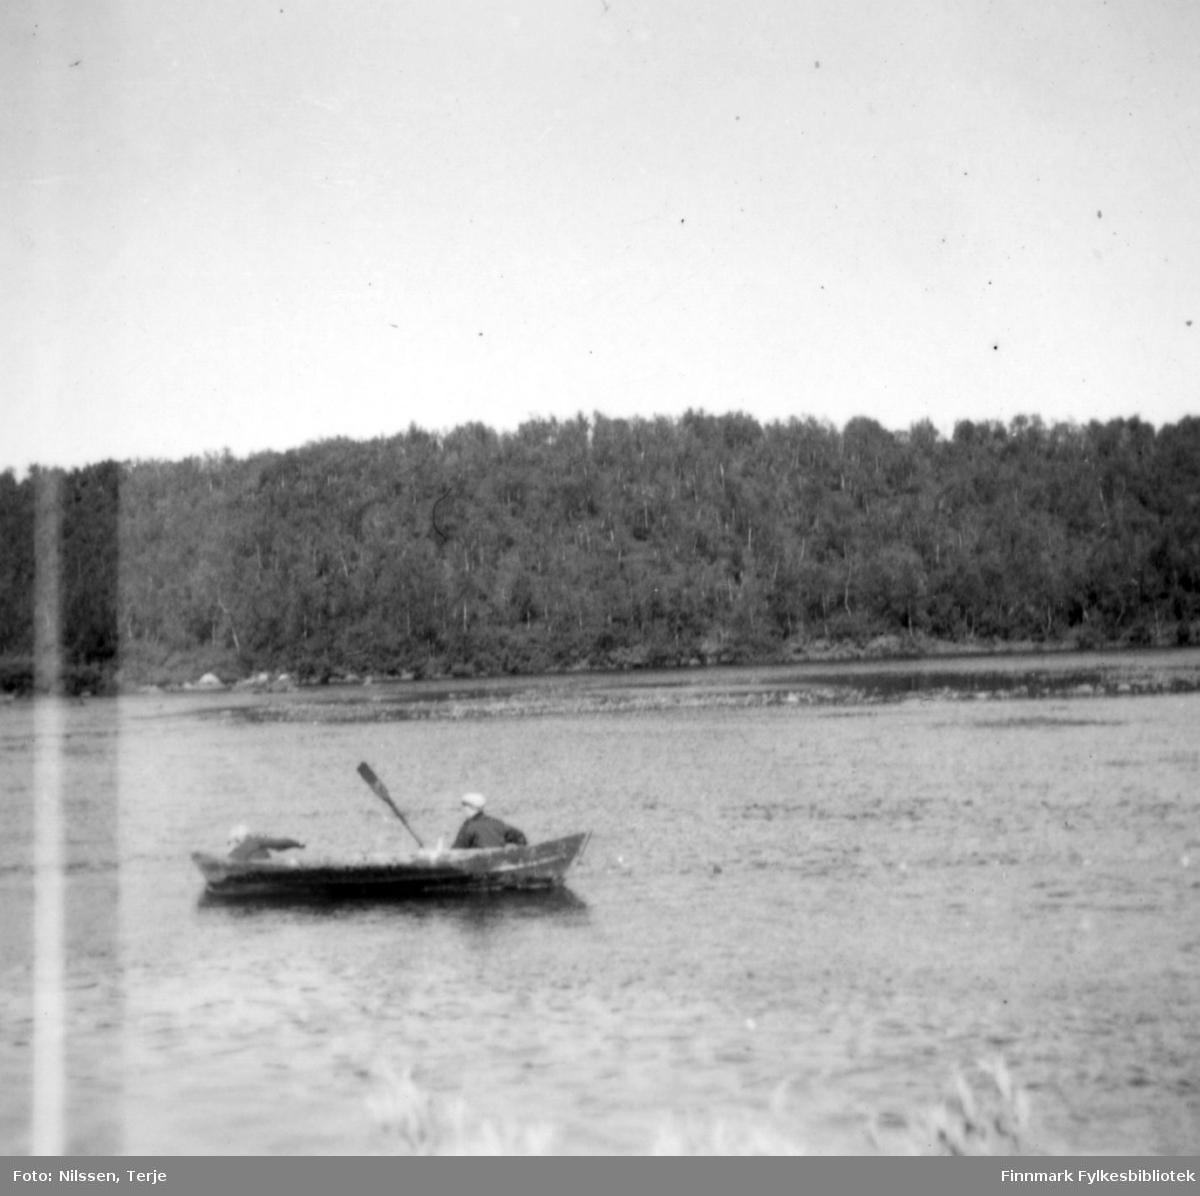 Søsknene Grethe Nilssen og Thor Sivertsen fisker i Øvre Neiden, 1958